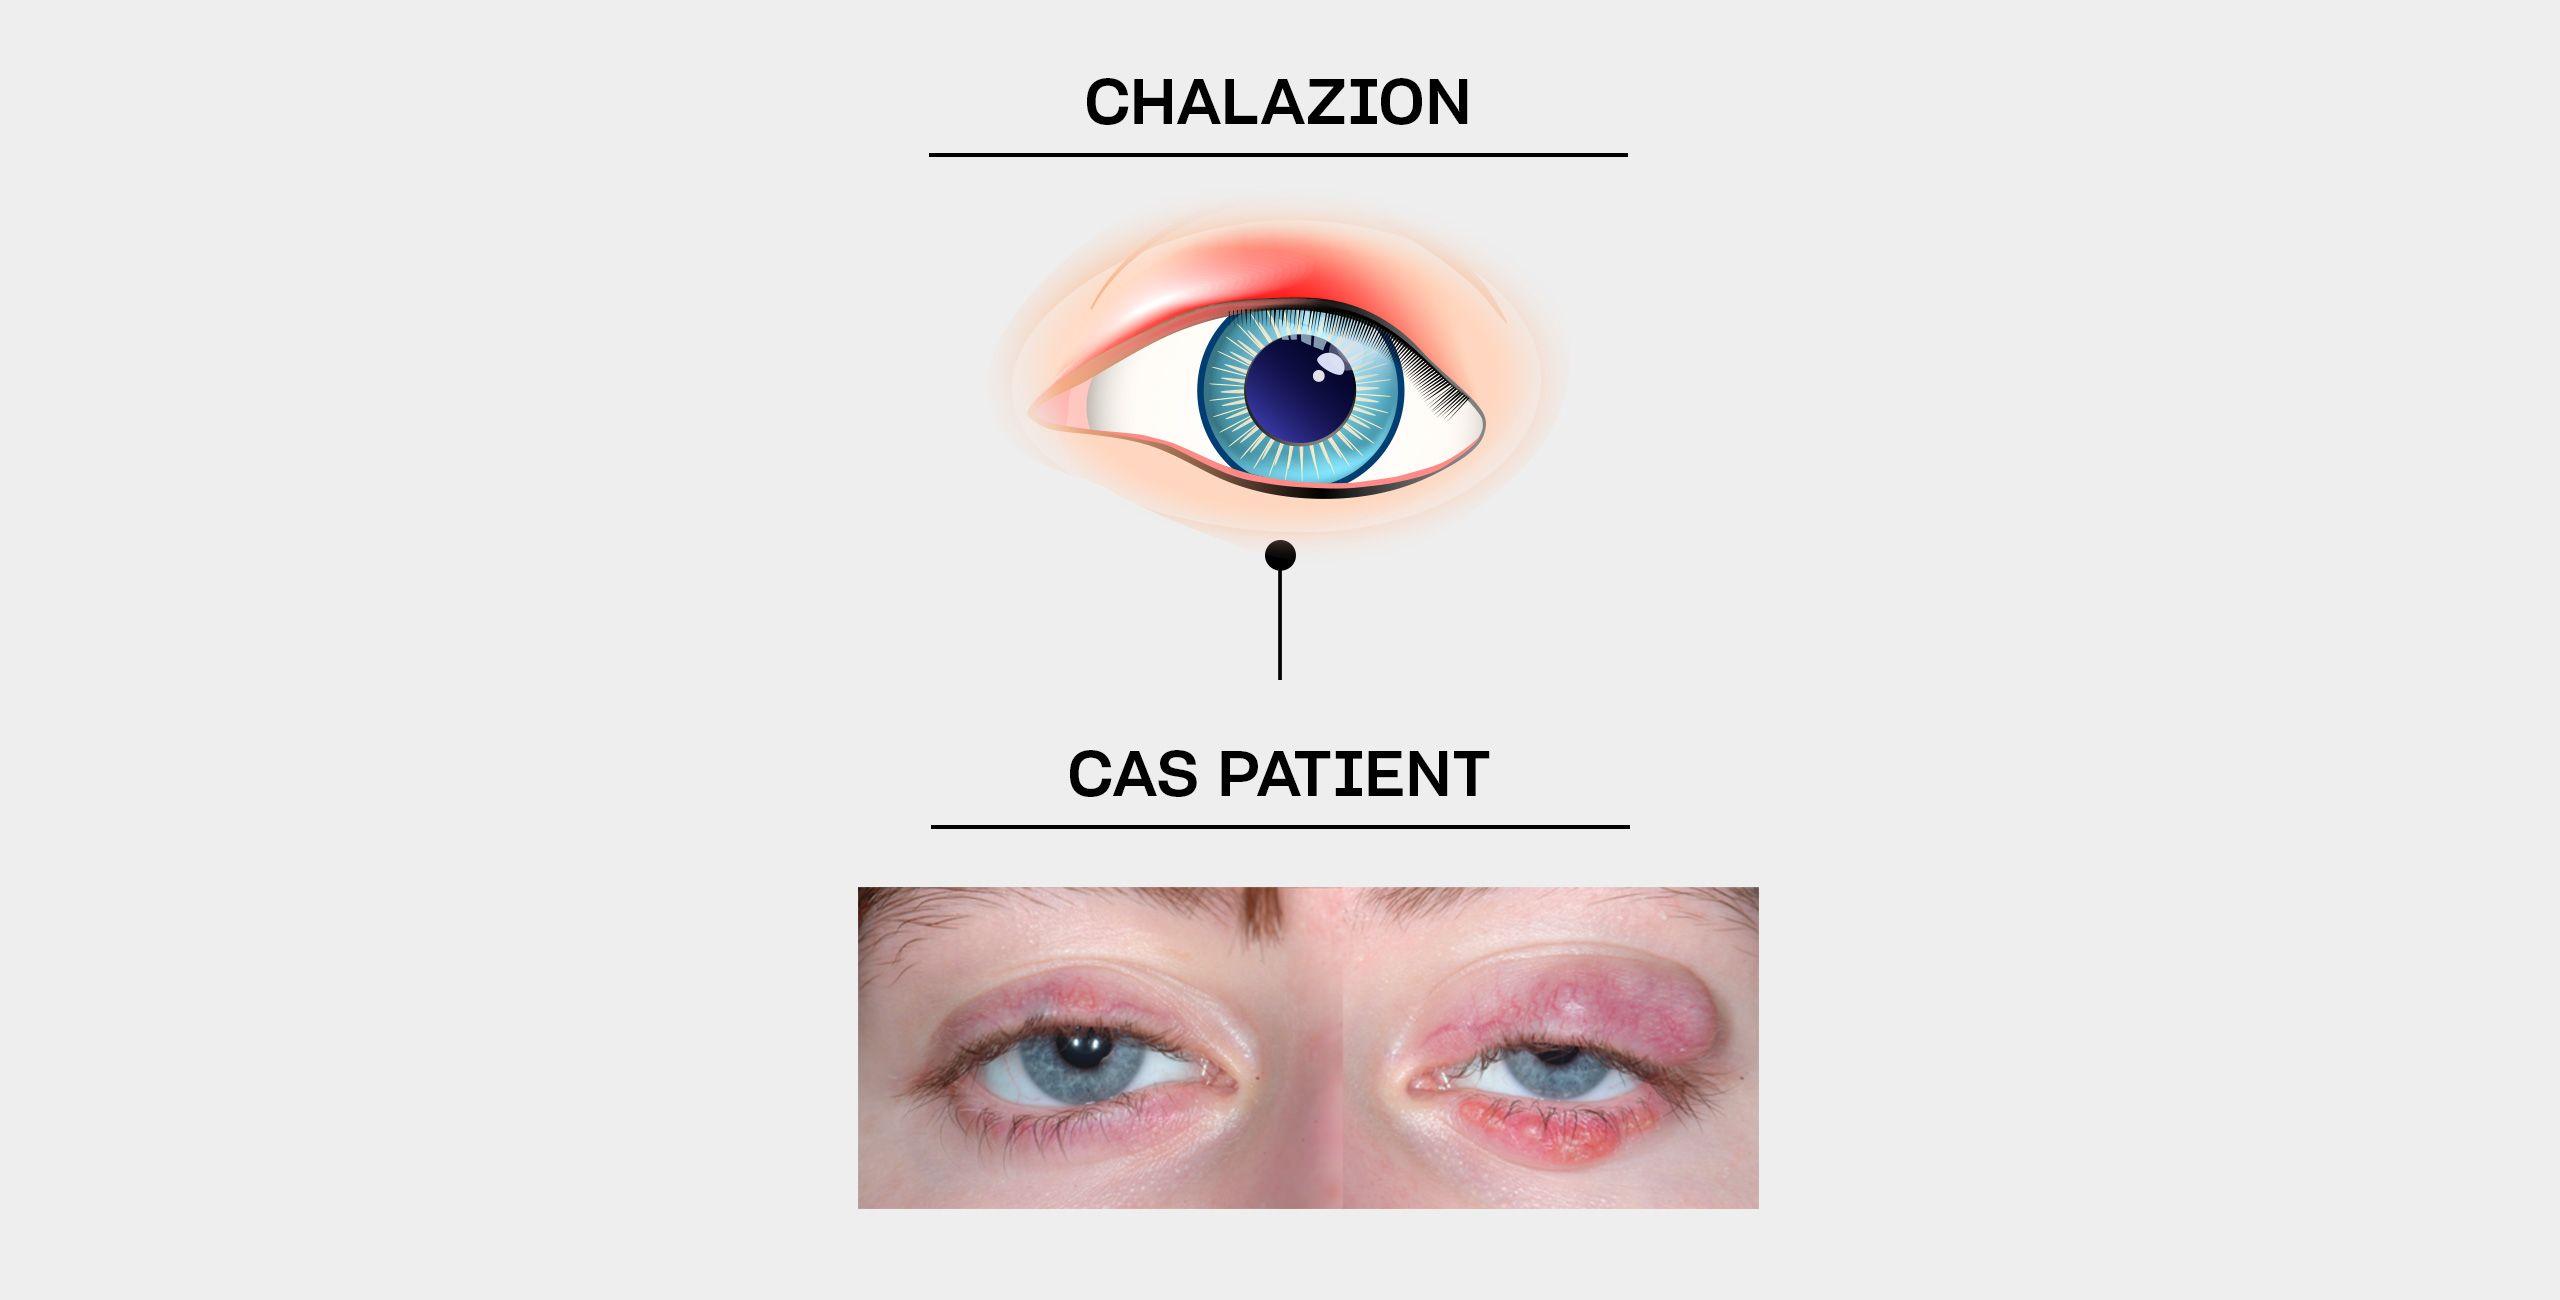 La chirurgie du chalazion à Paris 5 au Centre ophtalmologique COSS